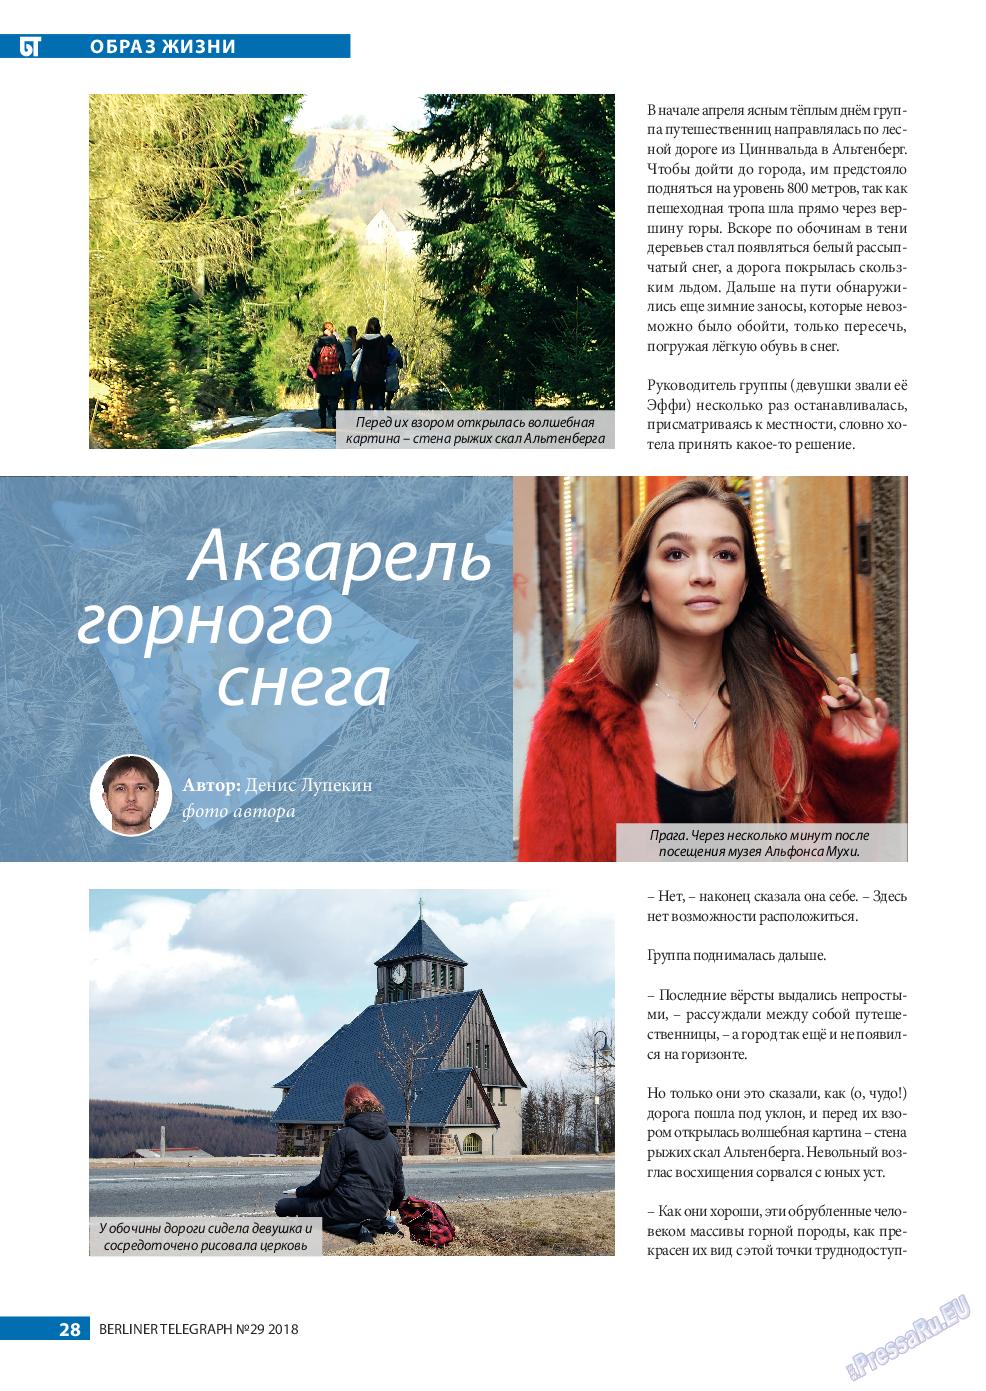 Берлинский телеграф (журнал). 2018 год, номер 29, стр. 28